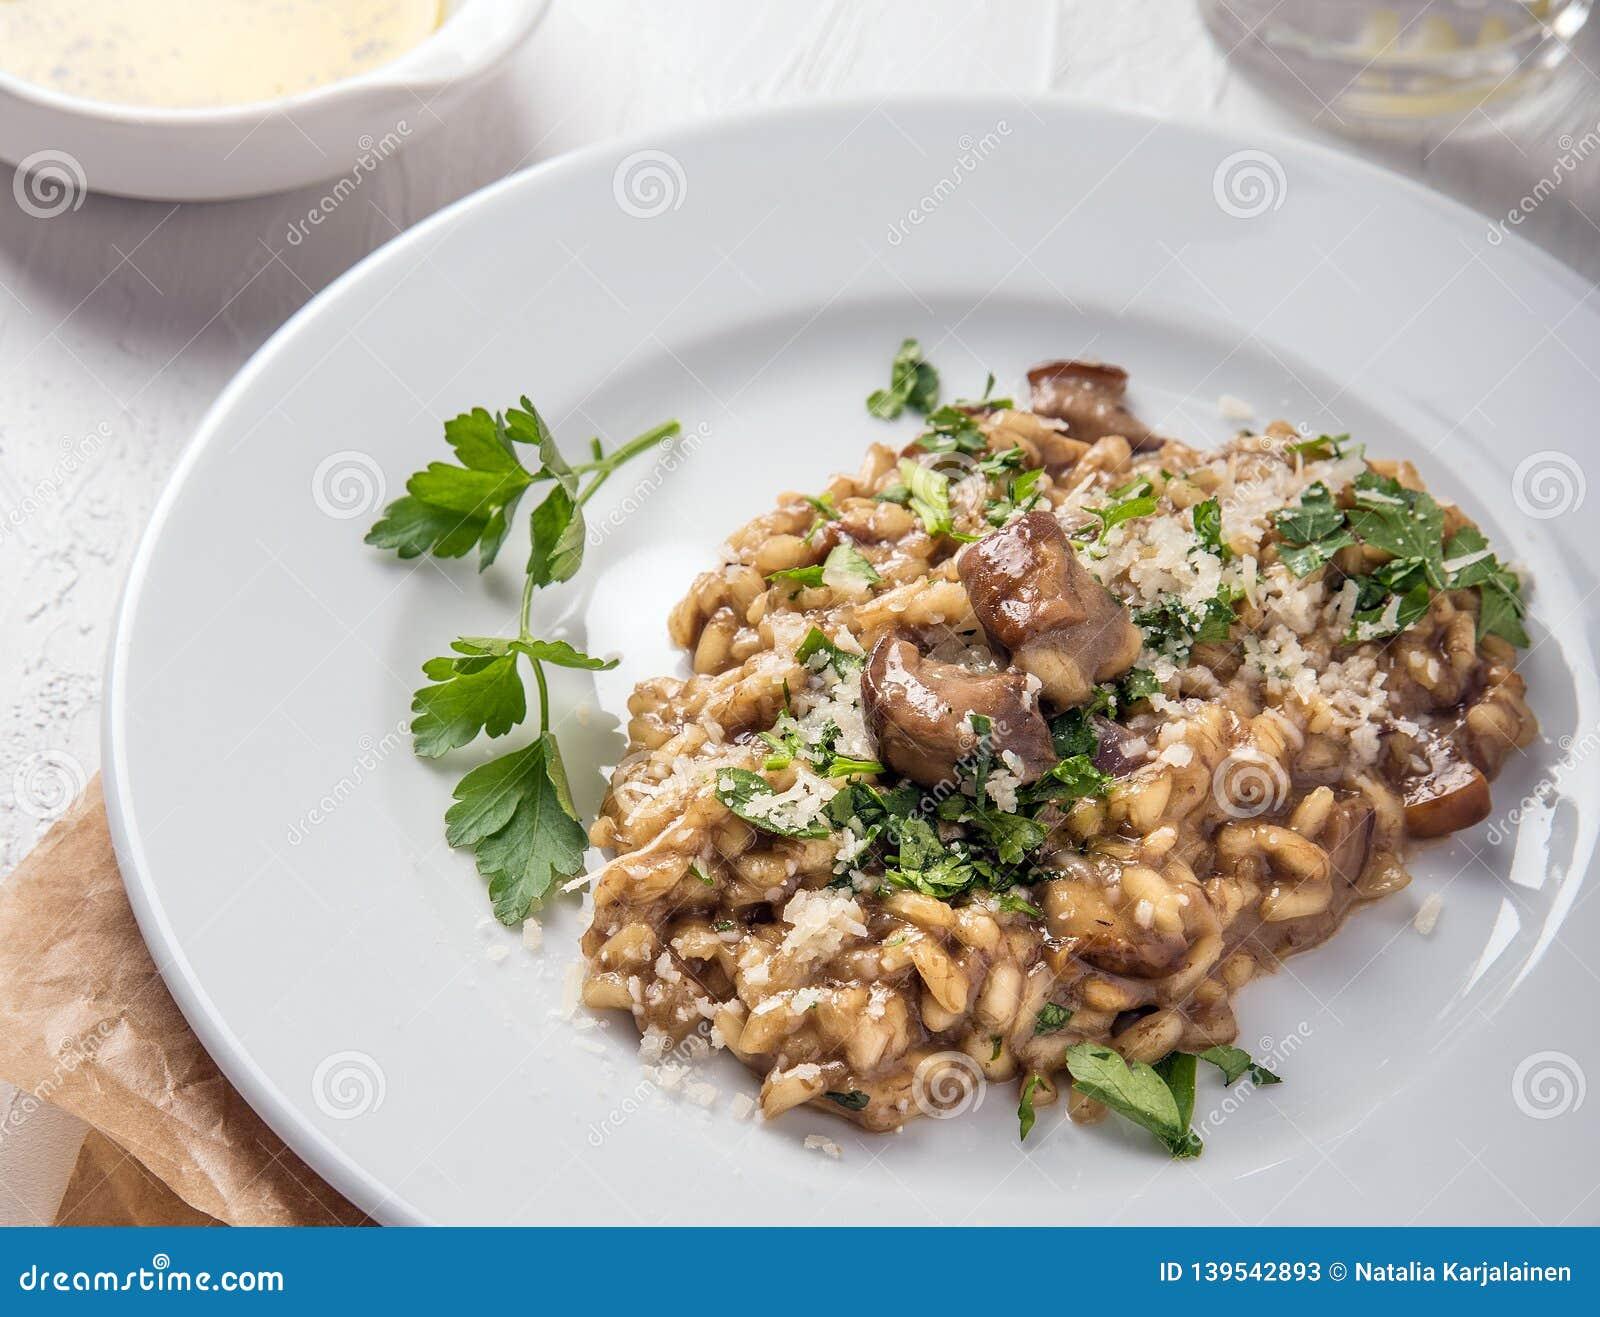 Alimento italiano Risoto com cogumelos e queijo em uma placa branca em um fundo branco